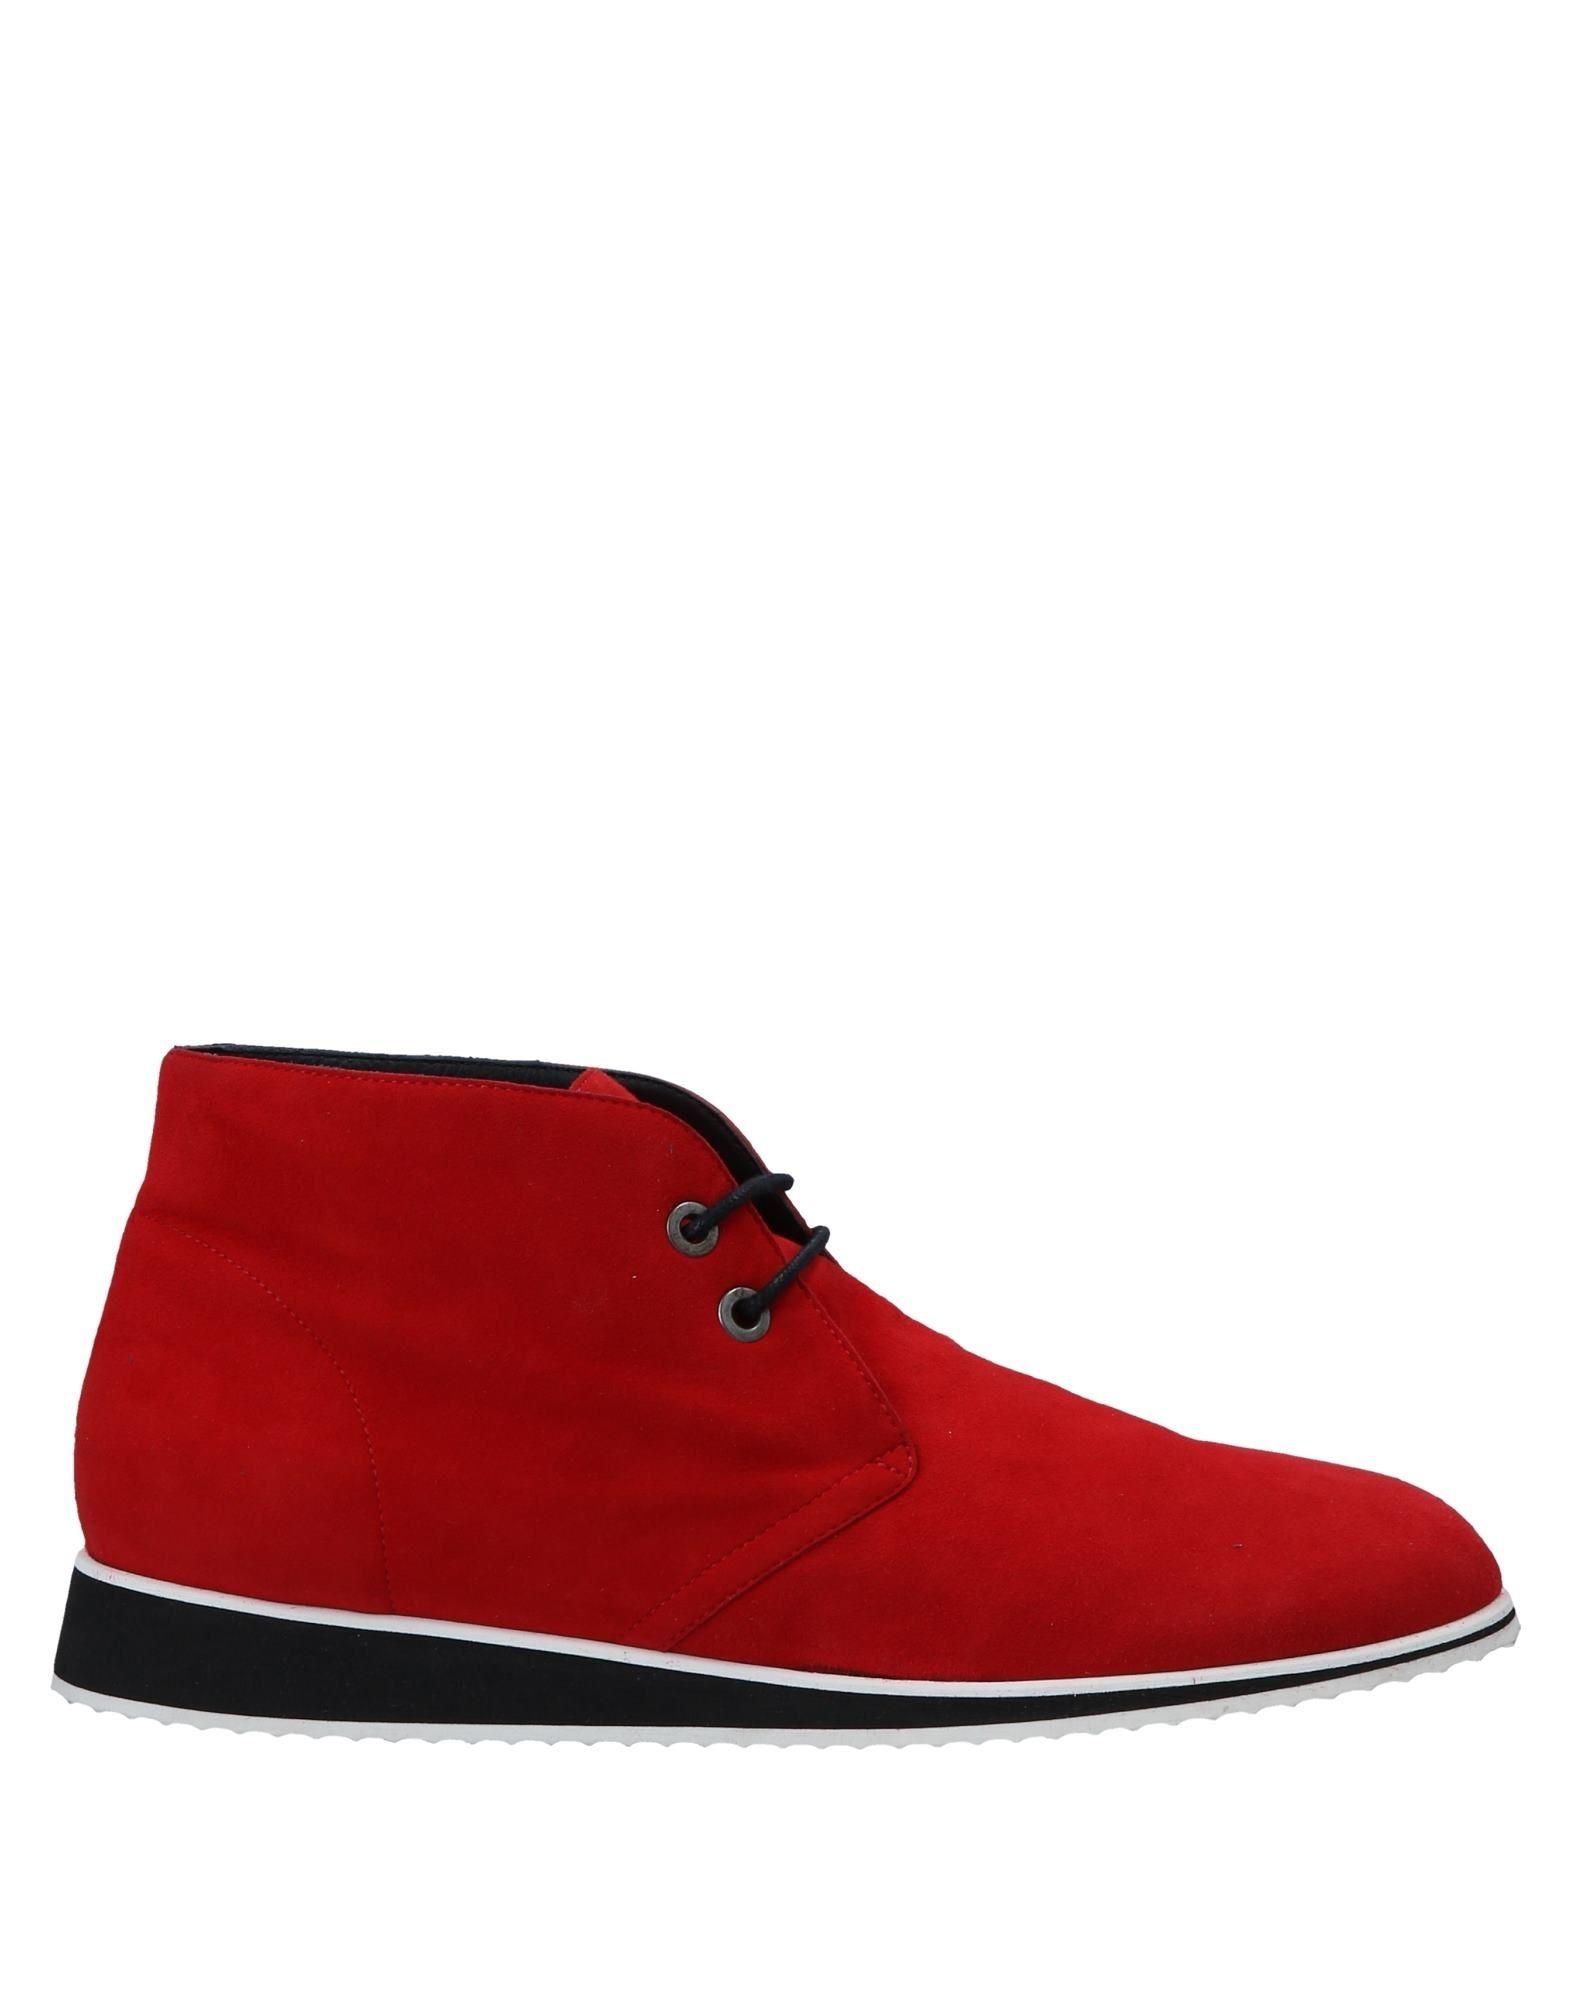 Giuseppe Zanotti Stiefelette Herren  11555225RP Gute Qualität beliebte Schuhe